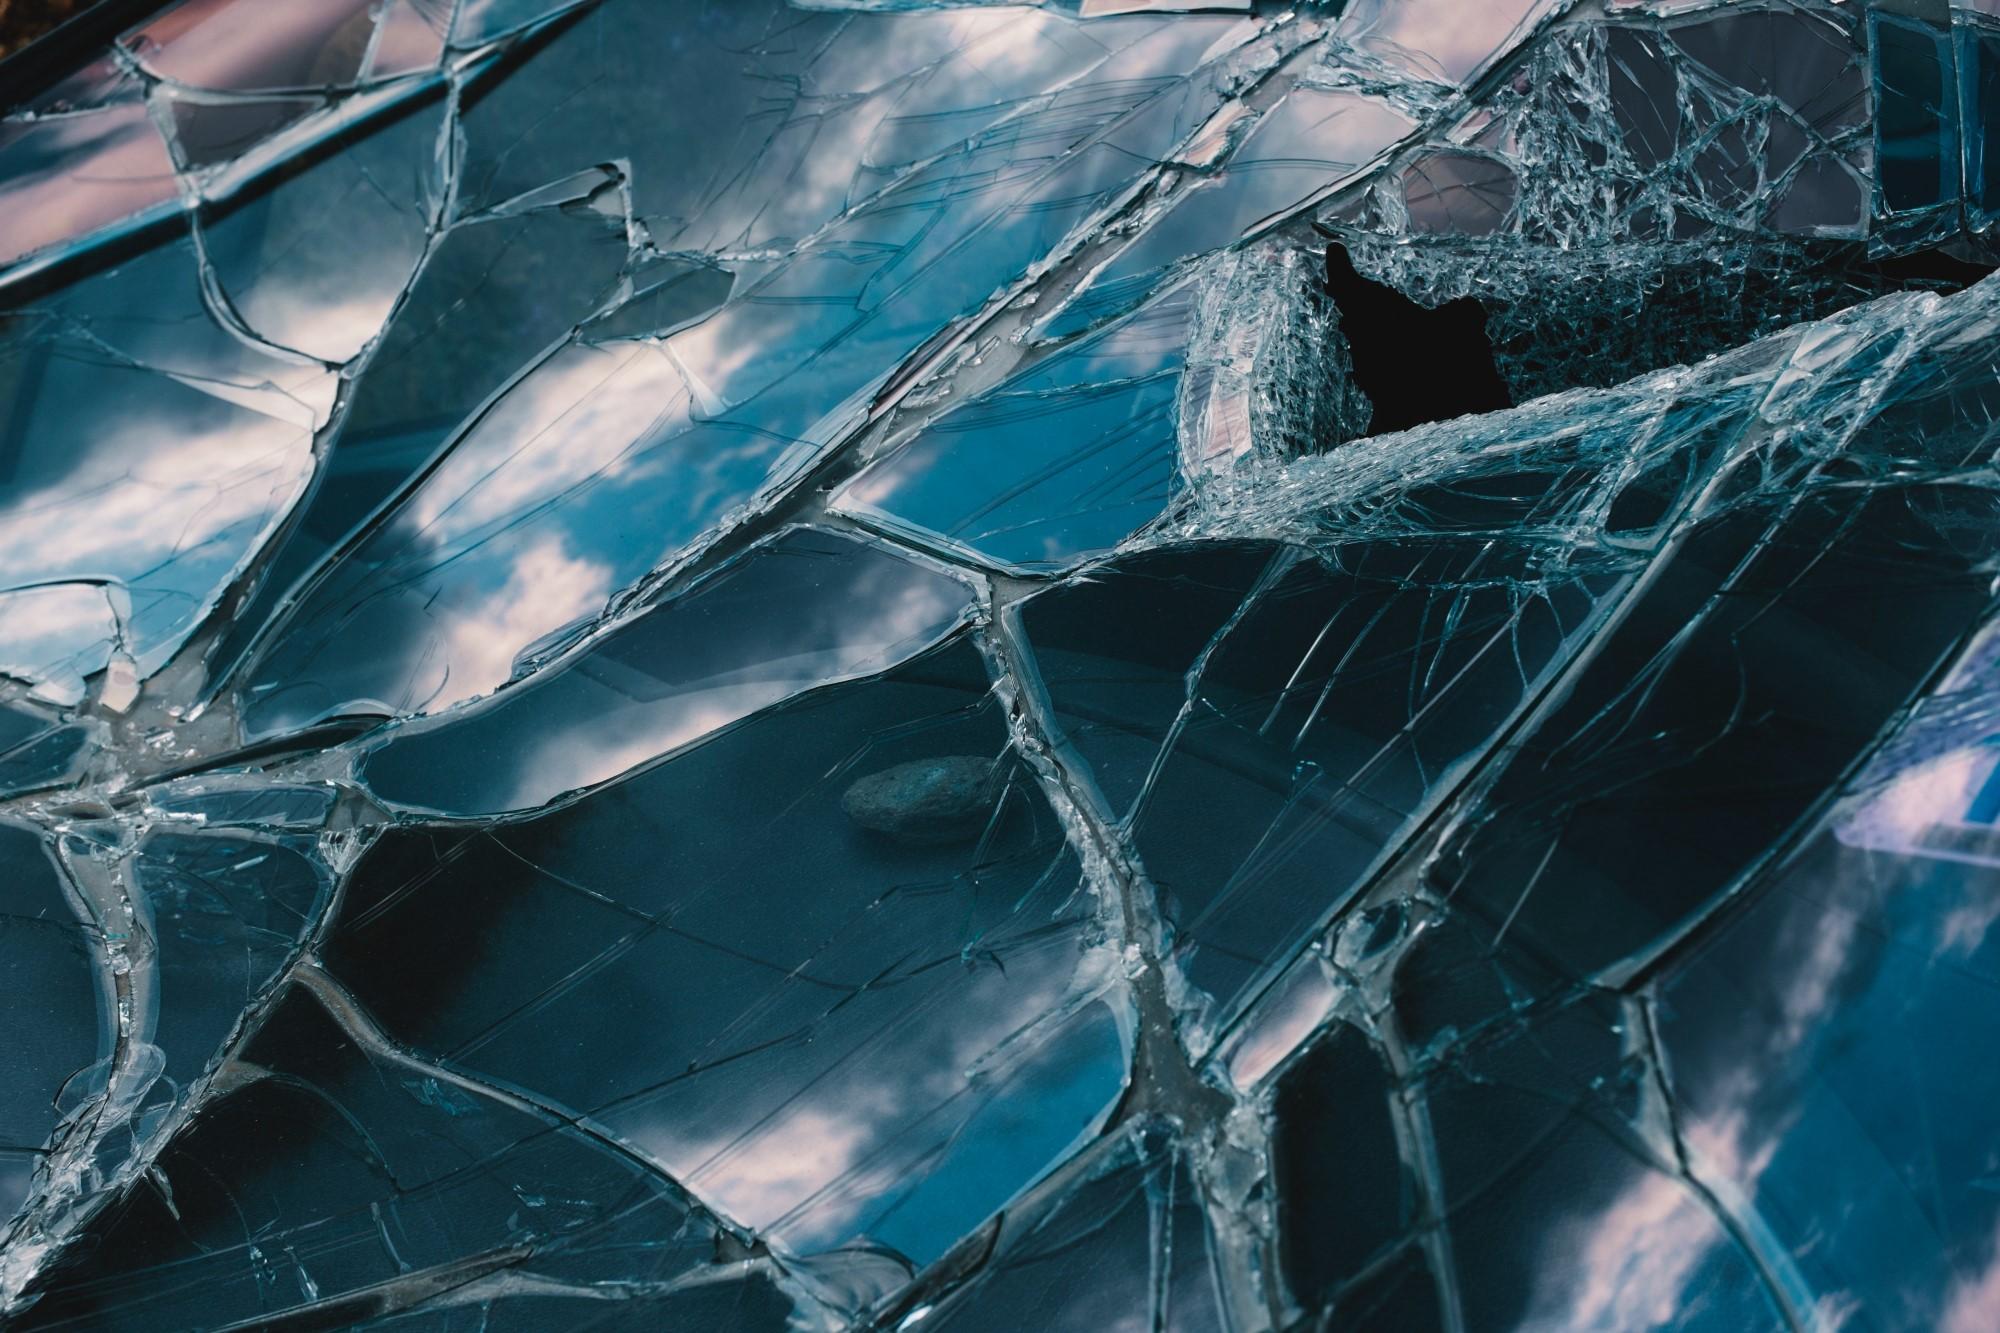 割れ窓理論と風水は似ている。